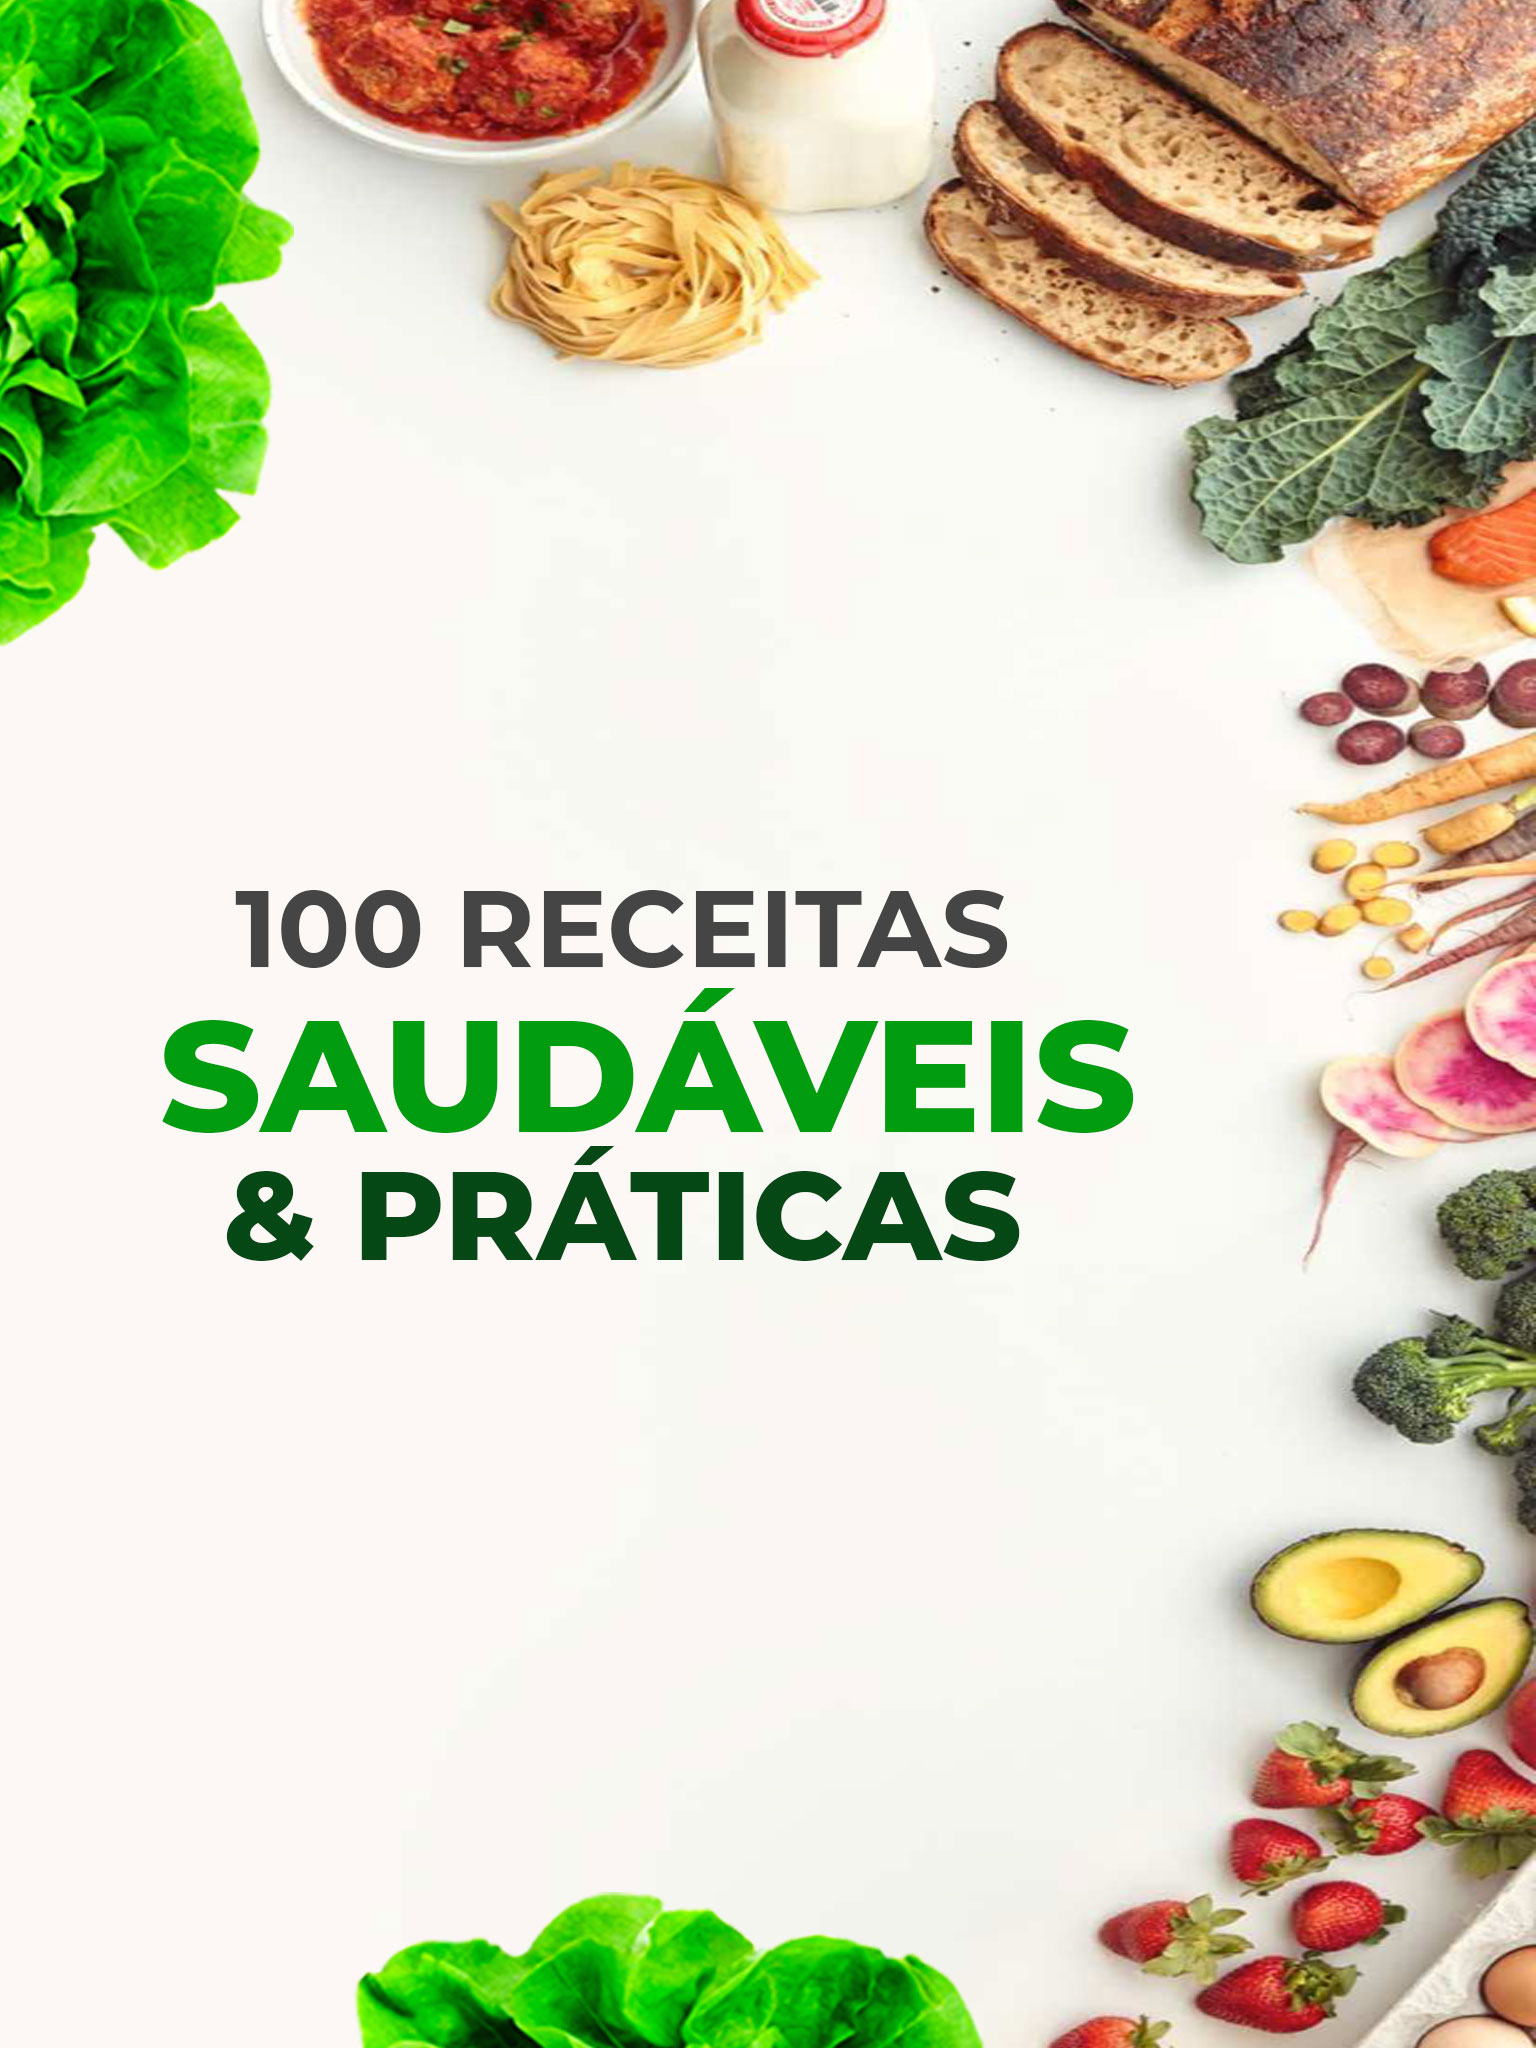 100 Receitas Saudáveis & Práticas